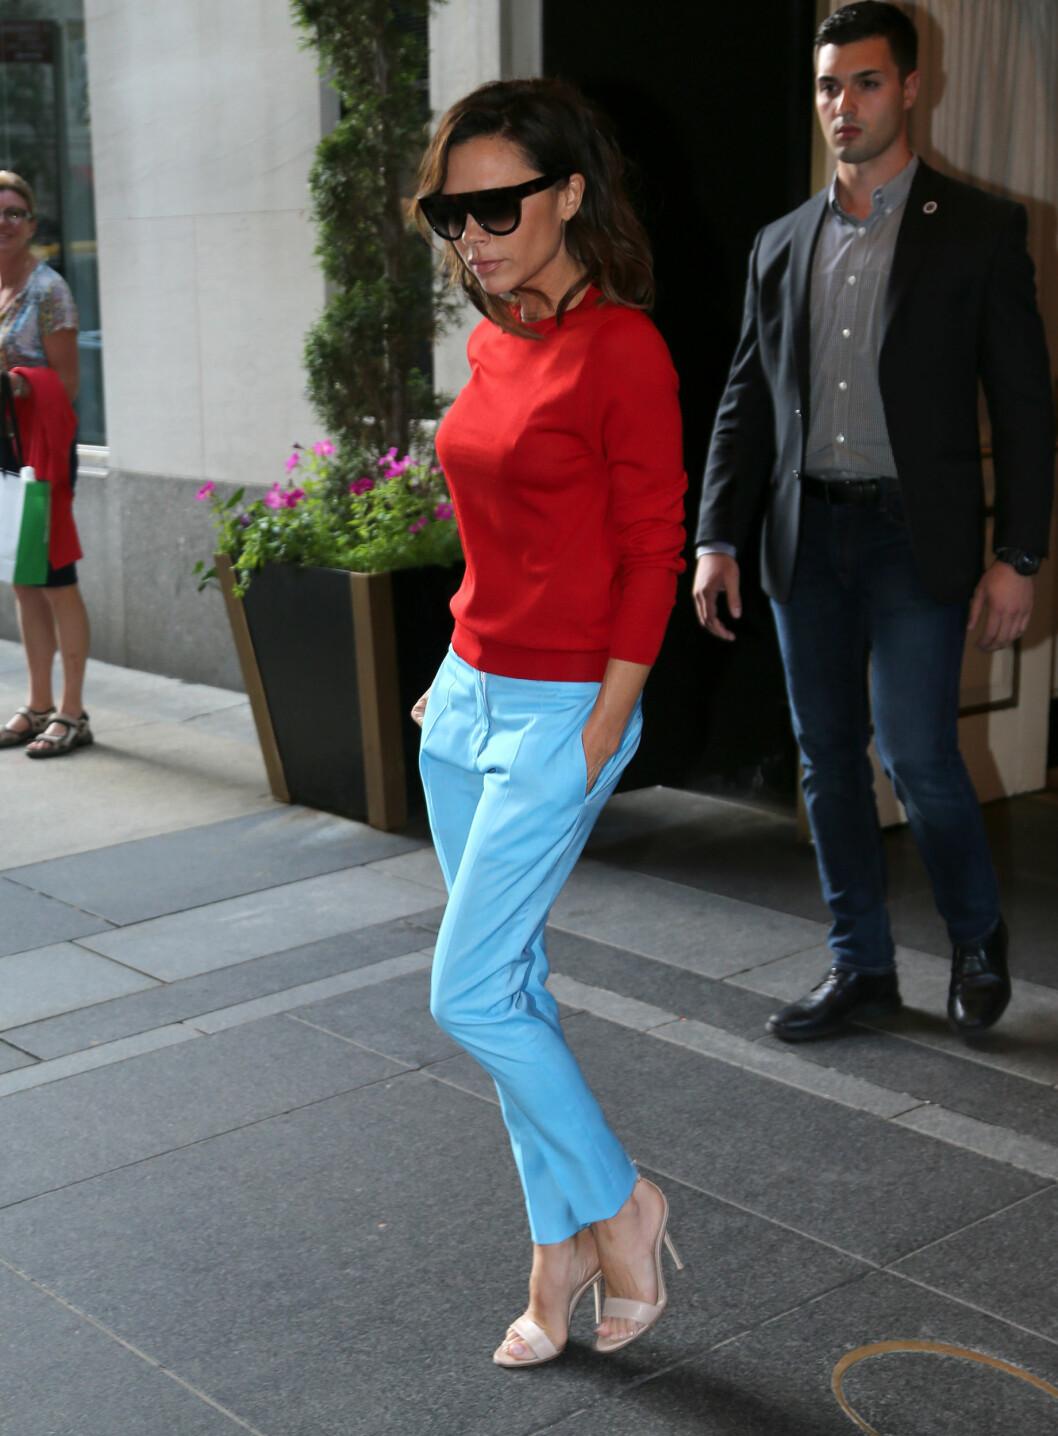 <strong>UVANLIG FARGEKOMBINASJON:</strong> Når Victoria Beckham først har på seg farger, er det gjerne i litt utradisjonelle kombinasjoner. Det er ikke ofte vi ser rødt og lyseblått sammen, men fru Beckham får det til å funke! Foto: Splash News